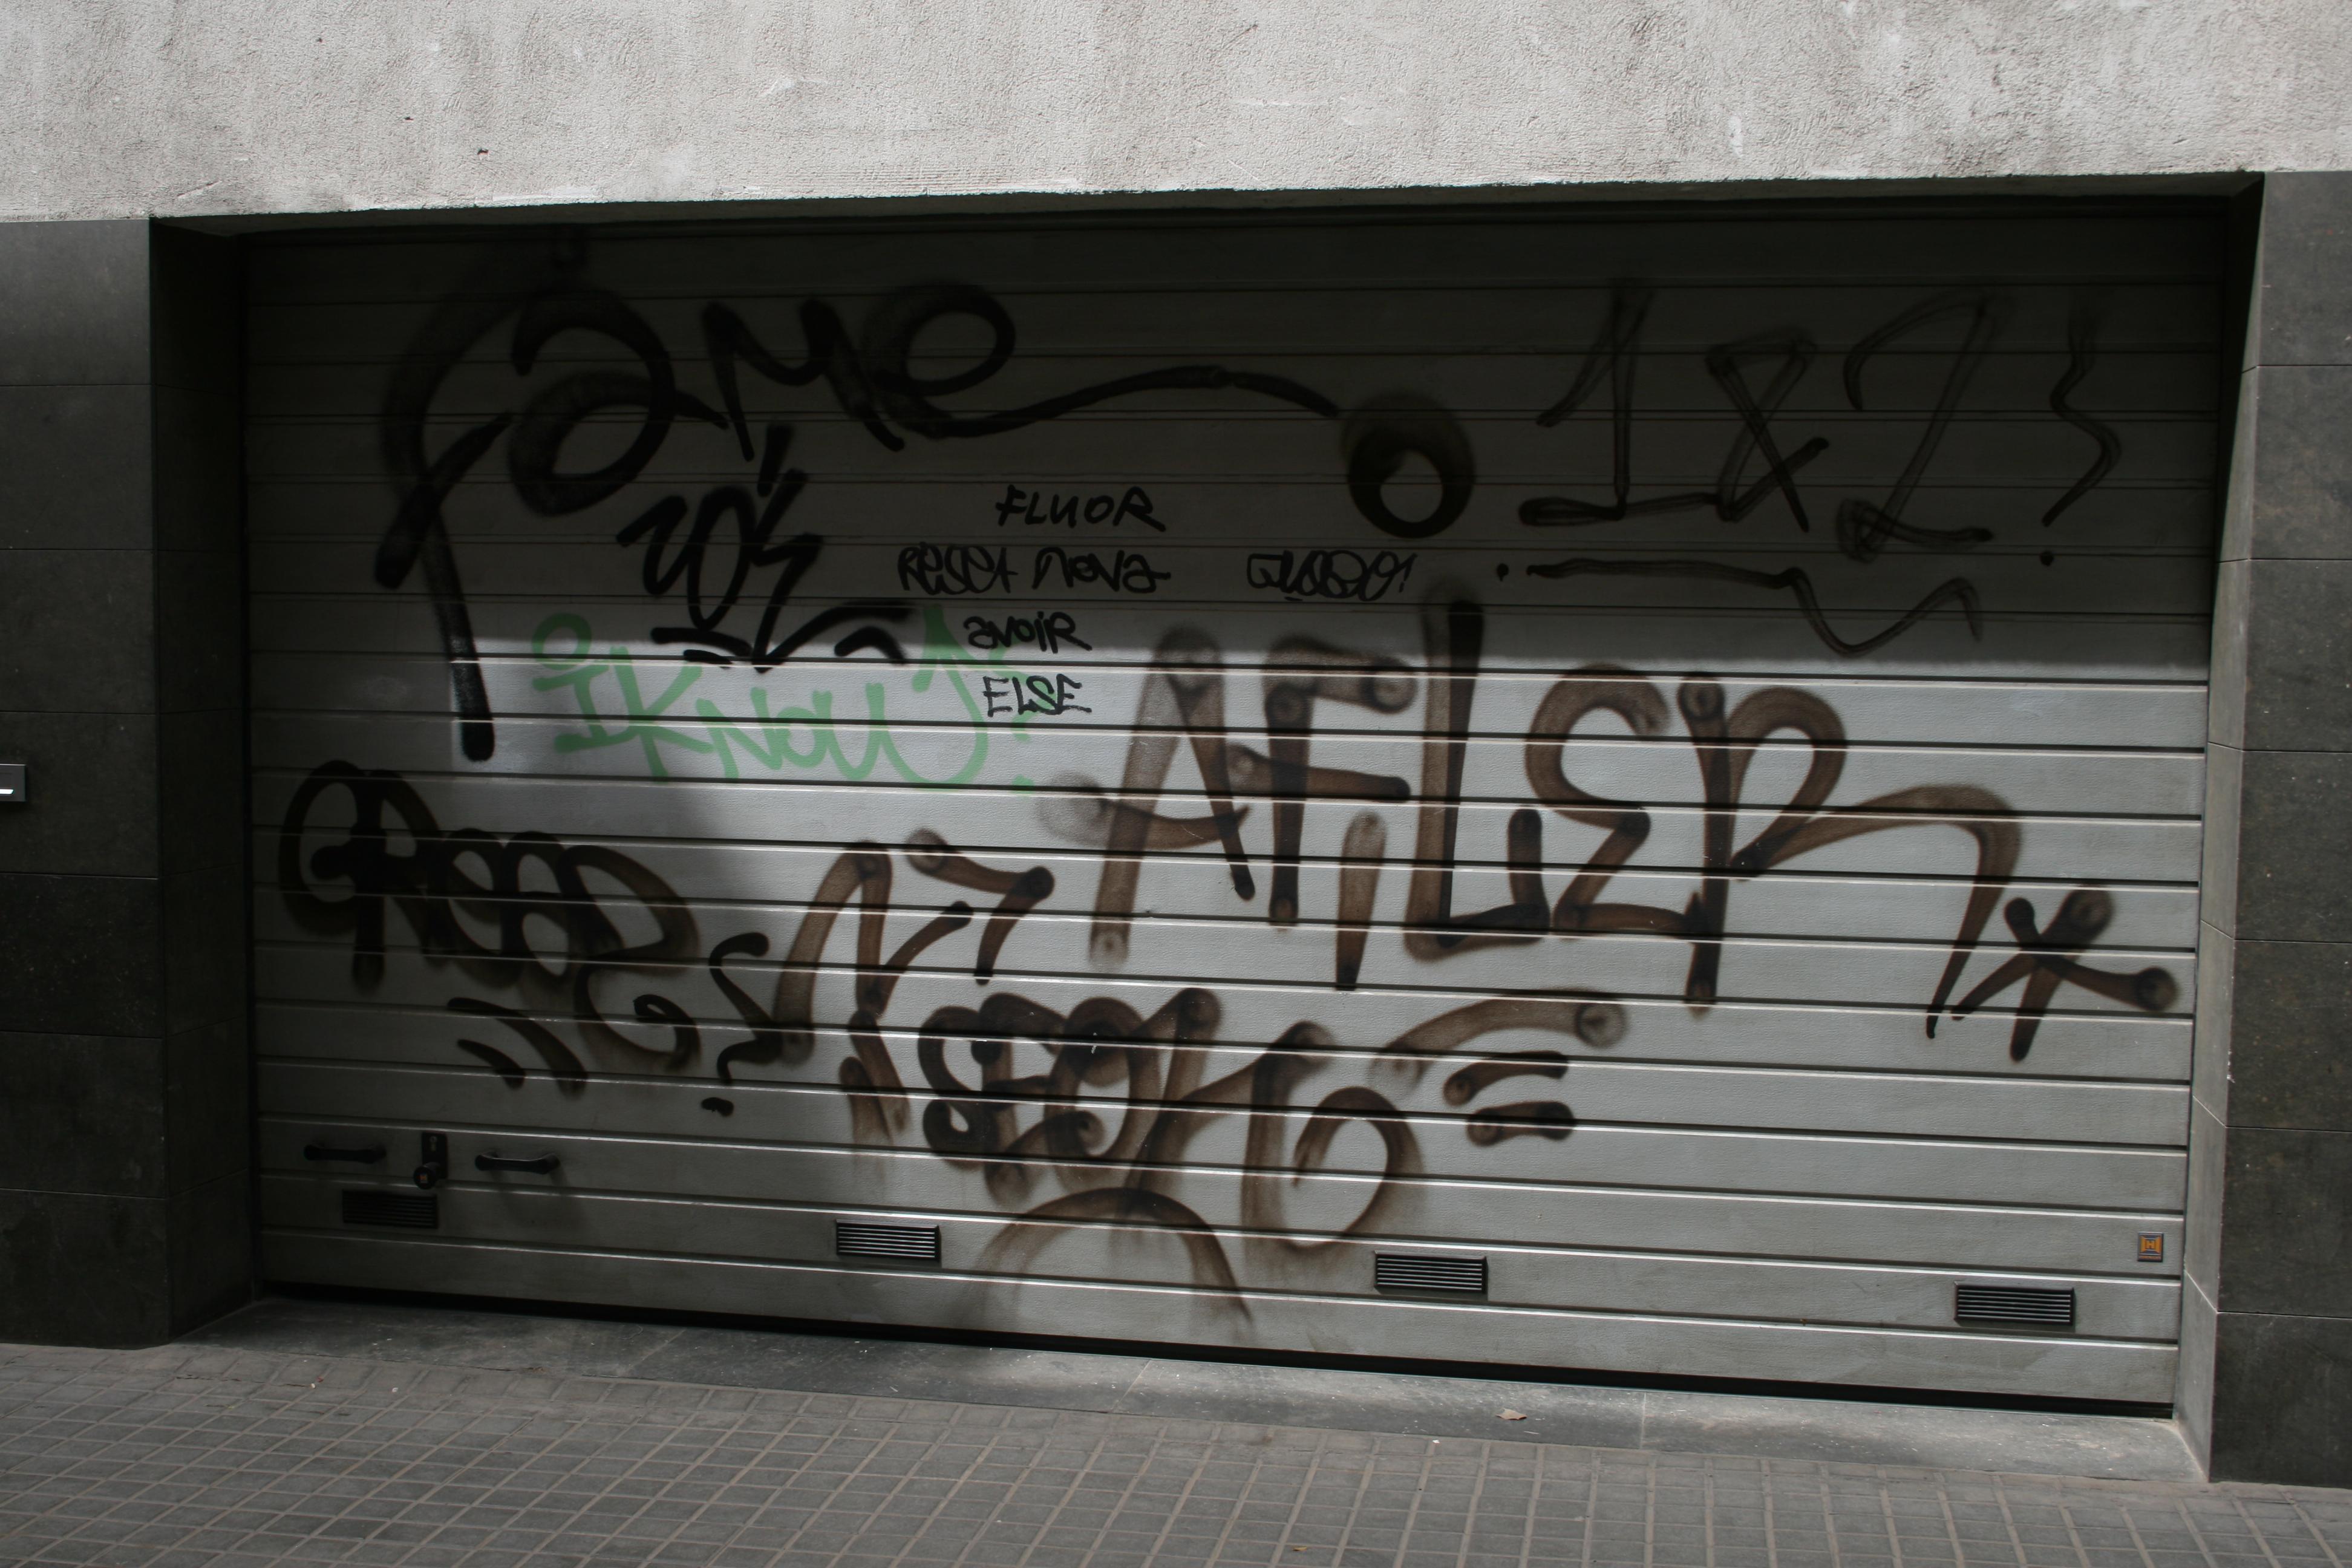 Puertas de garaje con graffiti